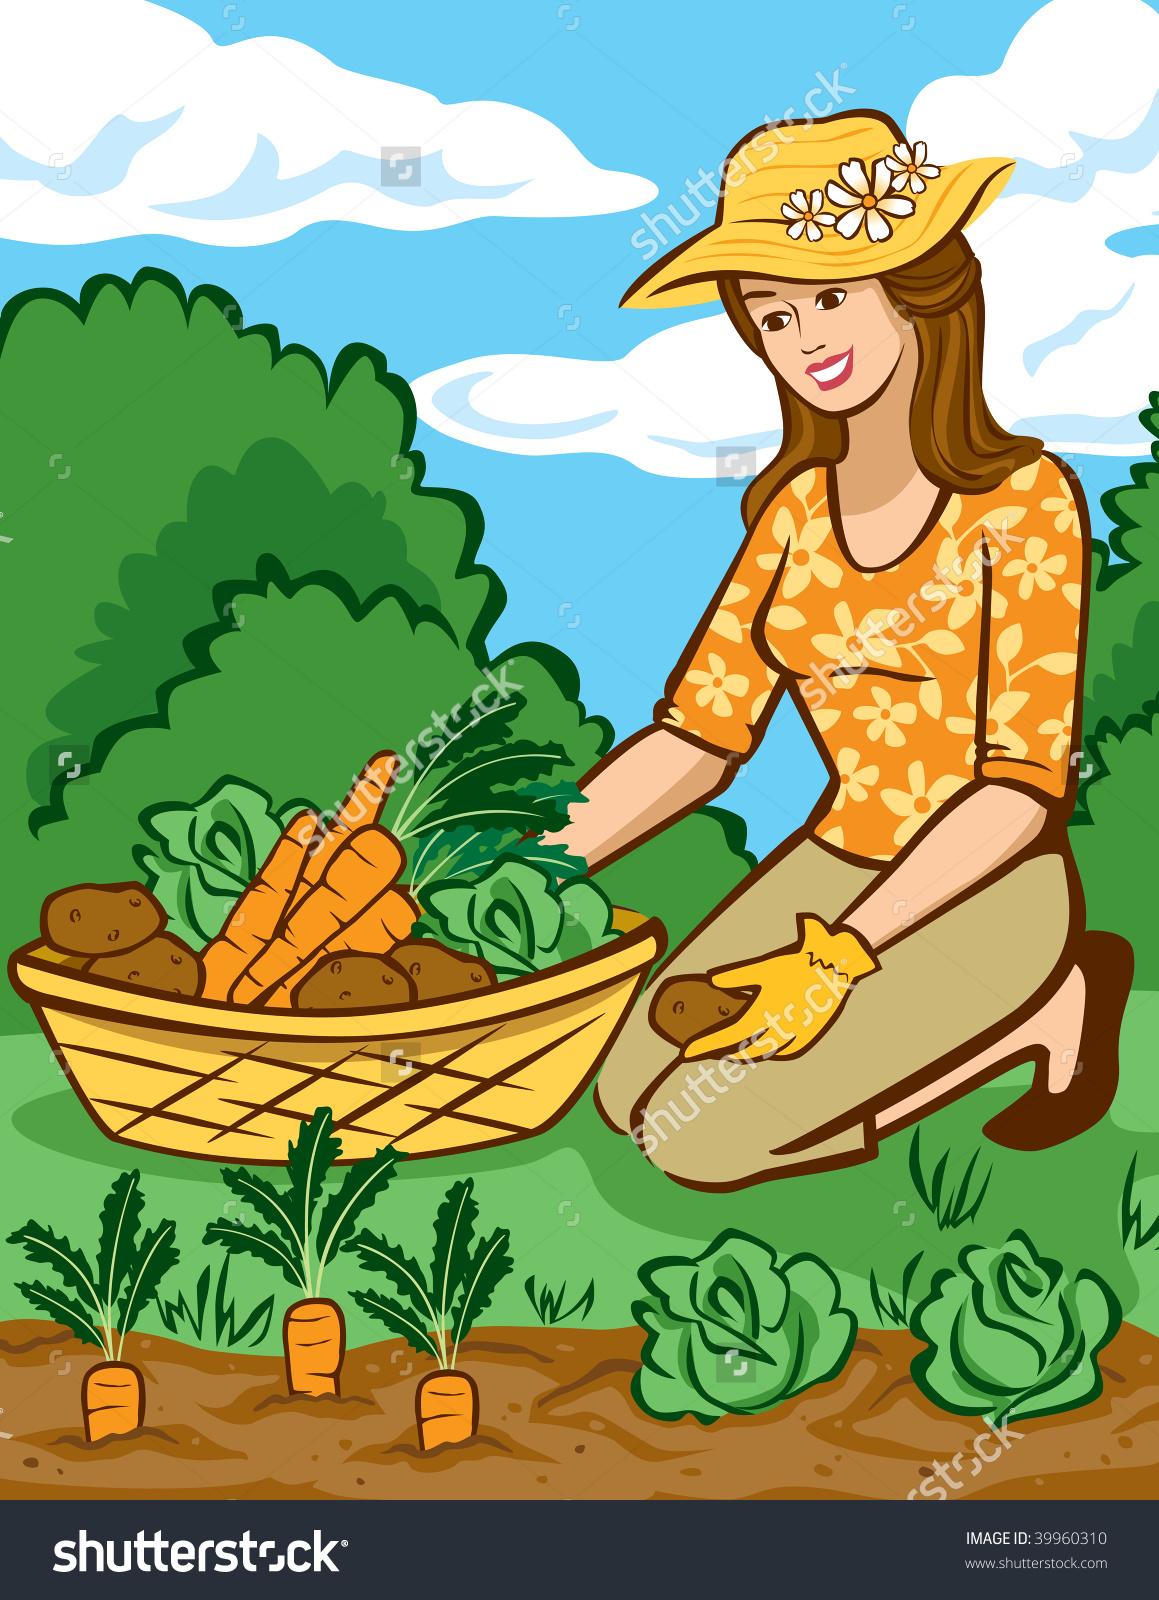 Growing Vegetables Home Garden Stock Vector 39960310.